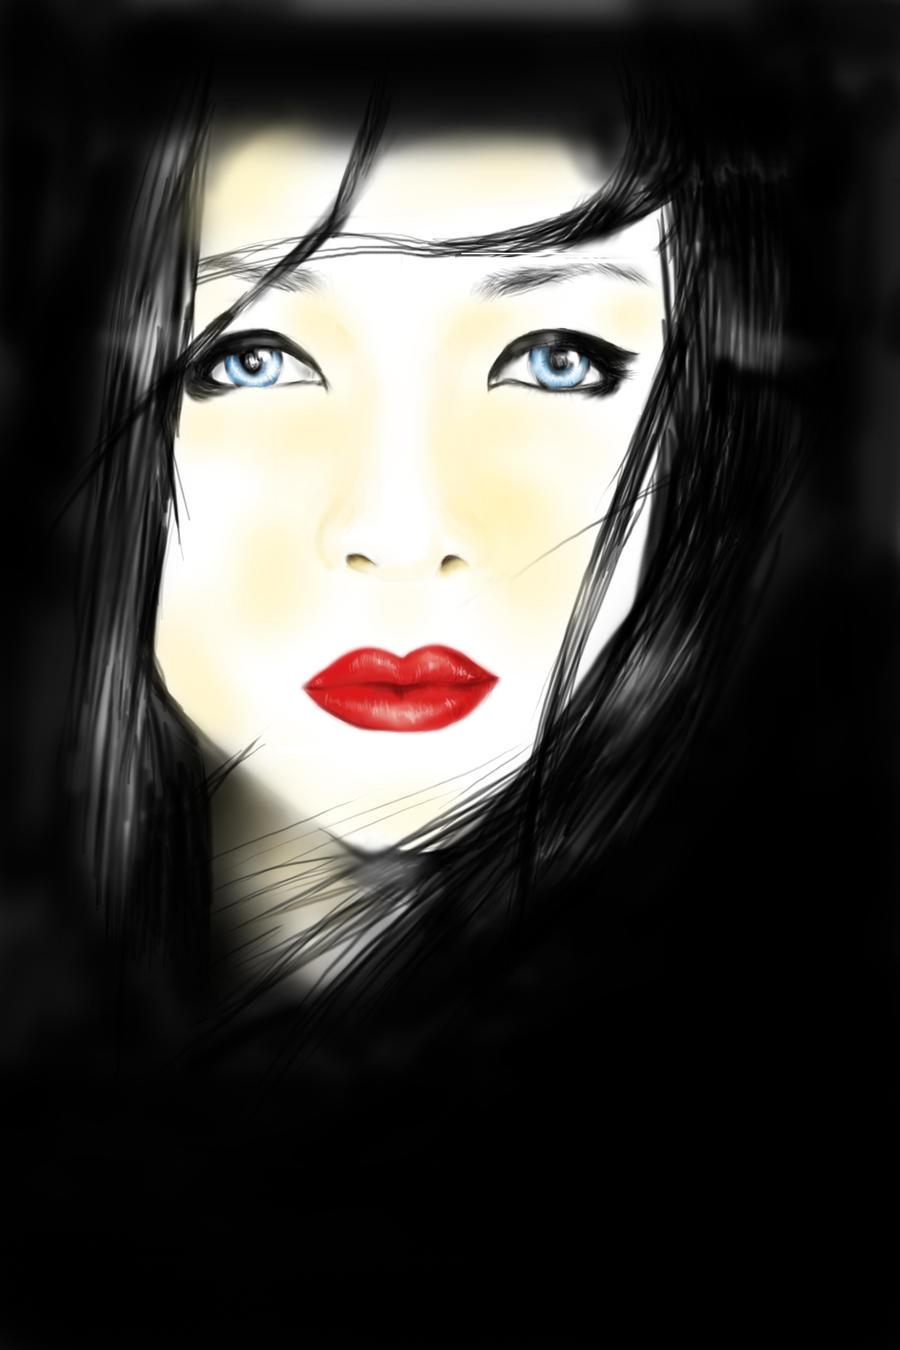 memoirs of a geisha plot